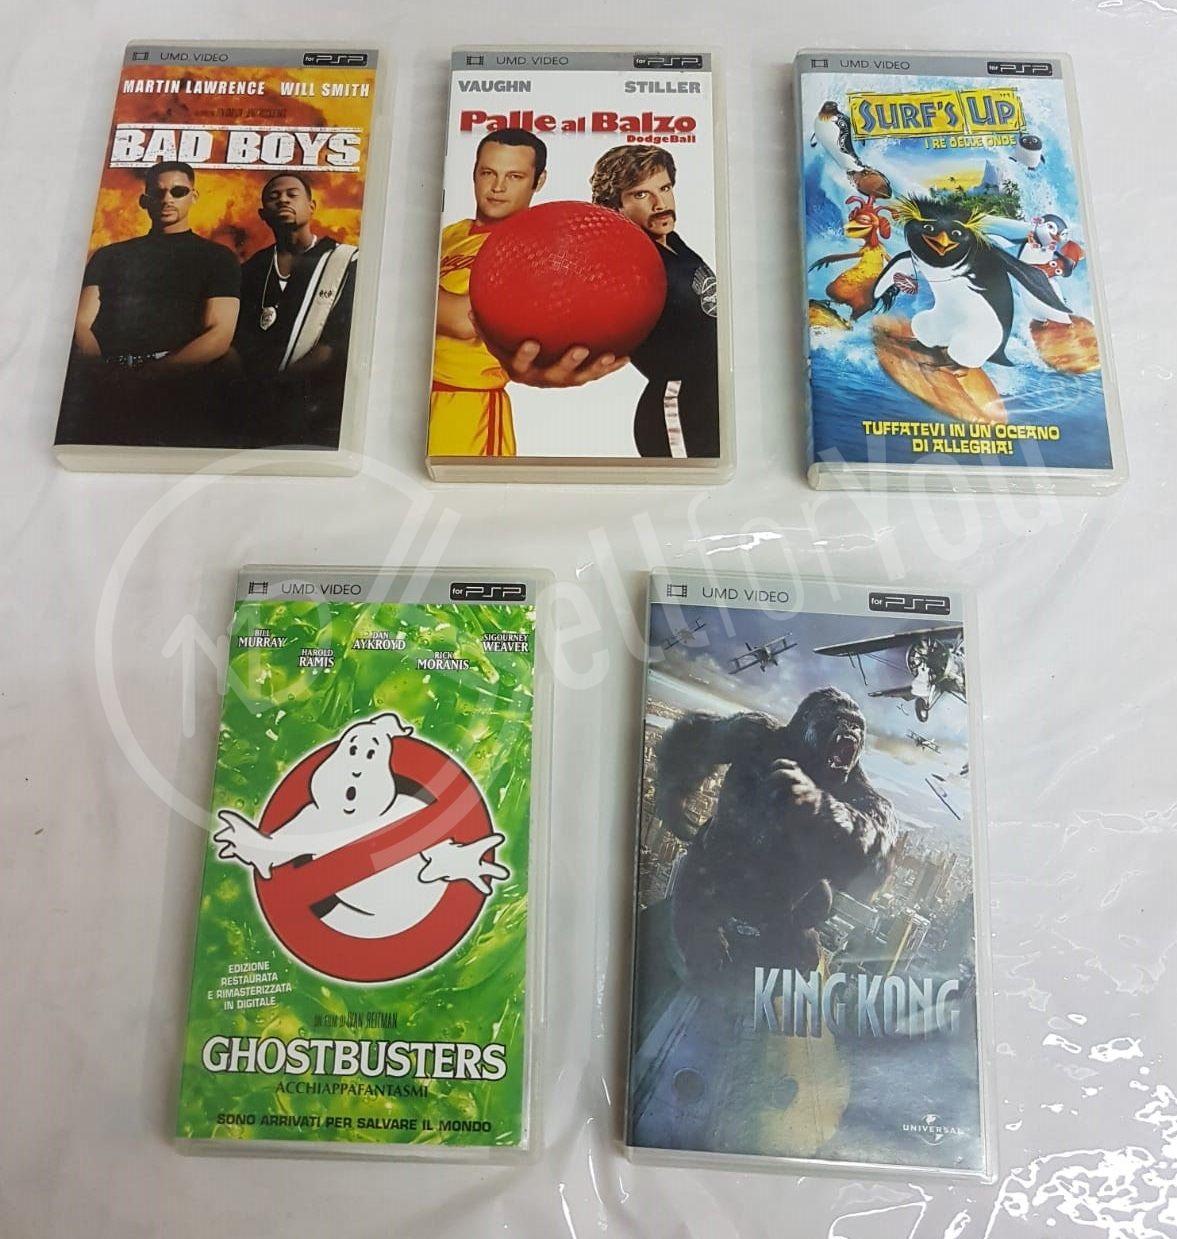 sellforyou immagine default articolo correlato non trovatoLotto di 5 film per PSP